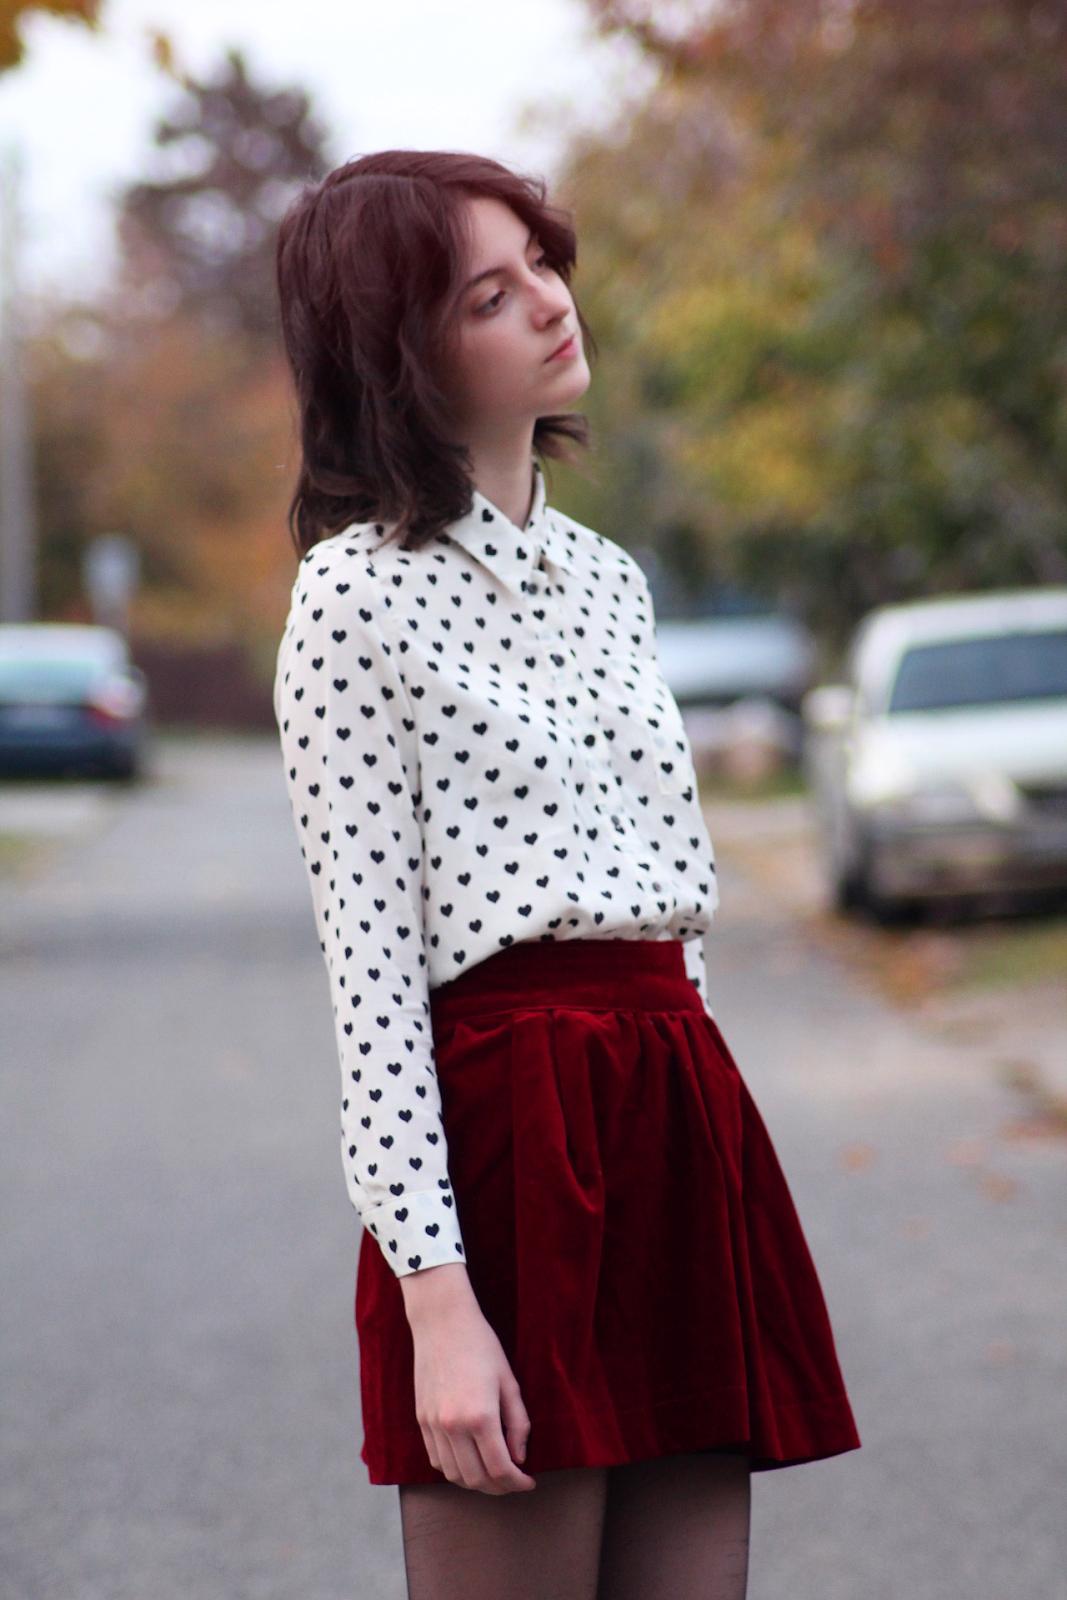 red velvet skirt + black & white heart pattern top | outfit ideas